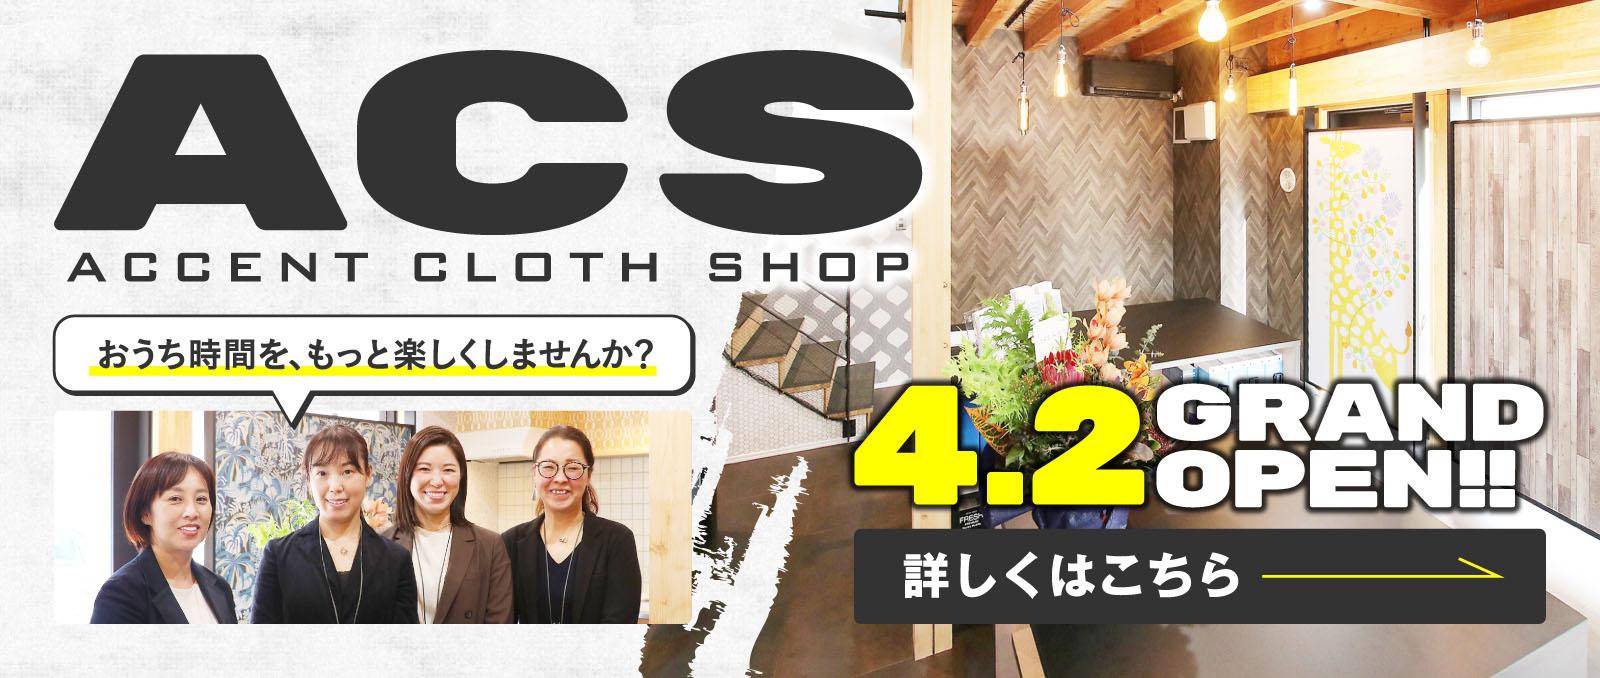 ACS(アクセントクロスショップ)広告バナー